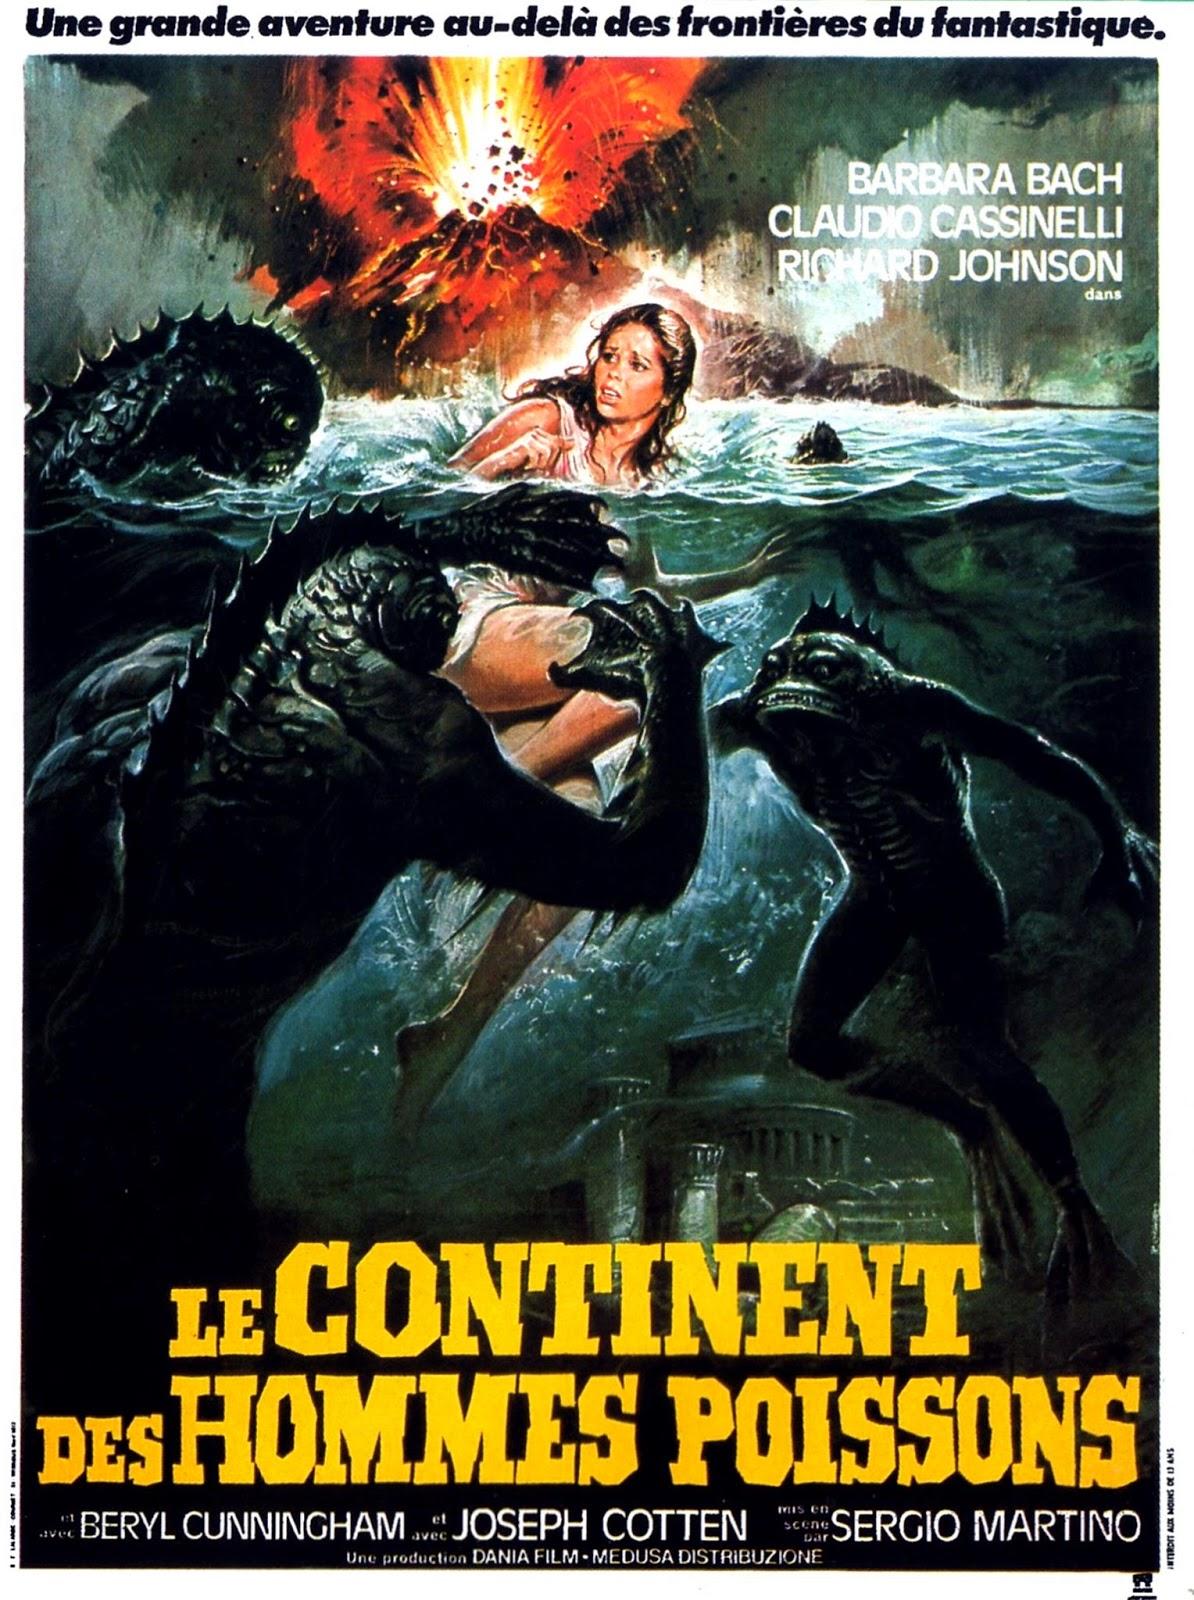 affiche du film Le Continent des hommes poissons